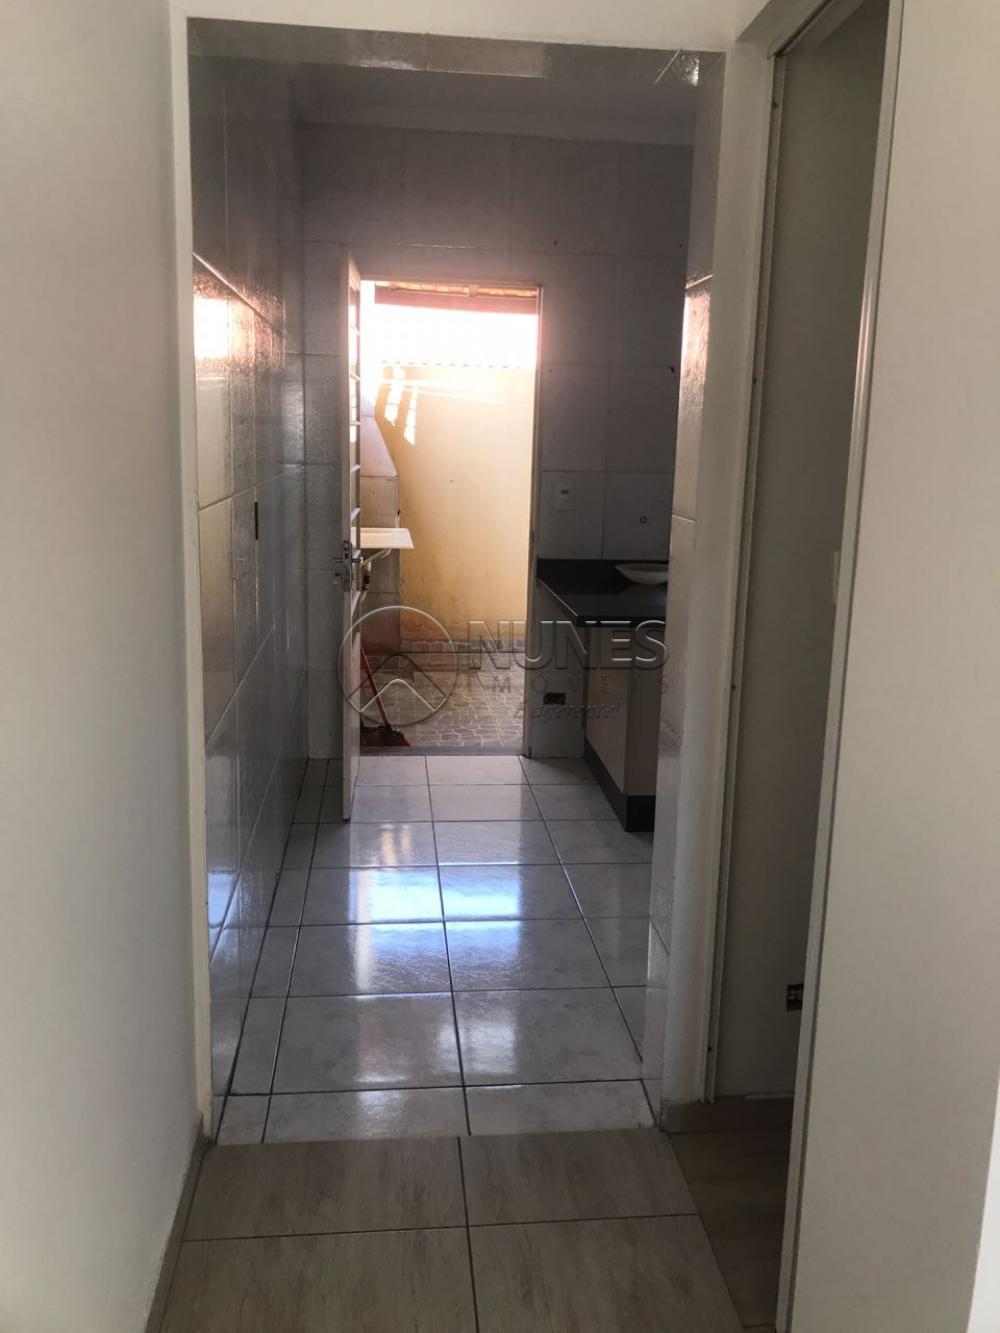 Comprar Casa / Sobrado em Condominio em Barueri apenas R$ 290.000,00 - Foto 17